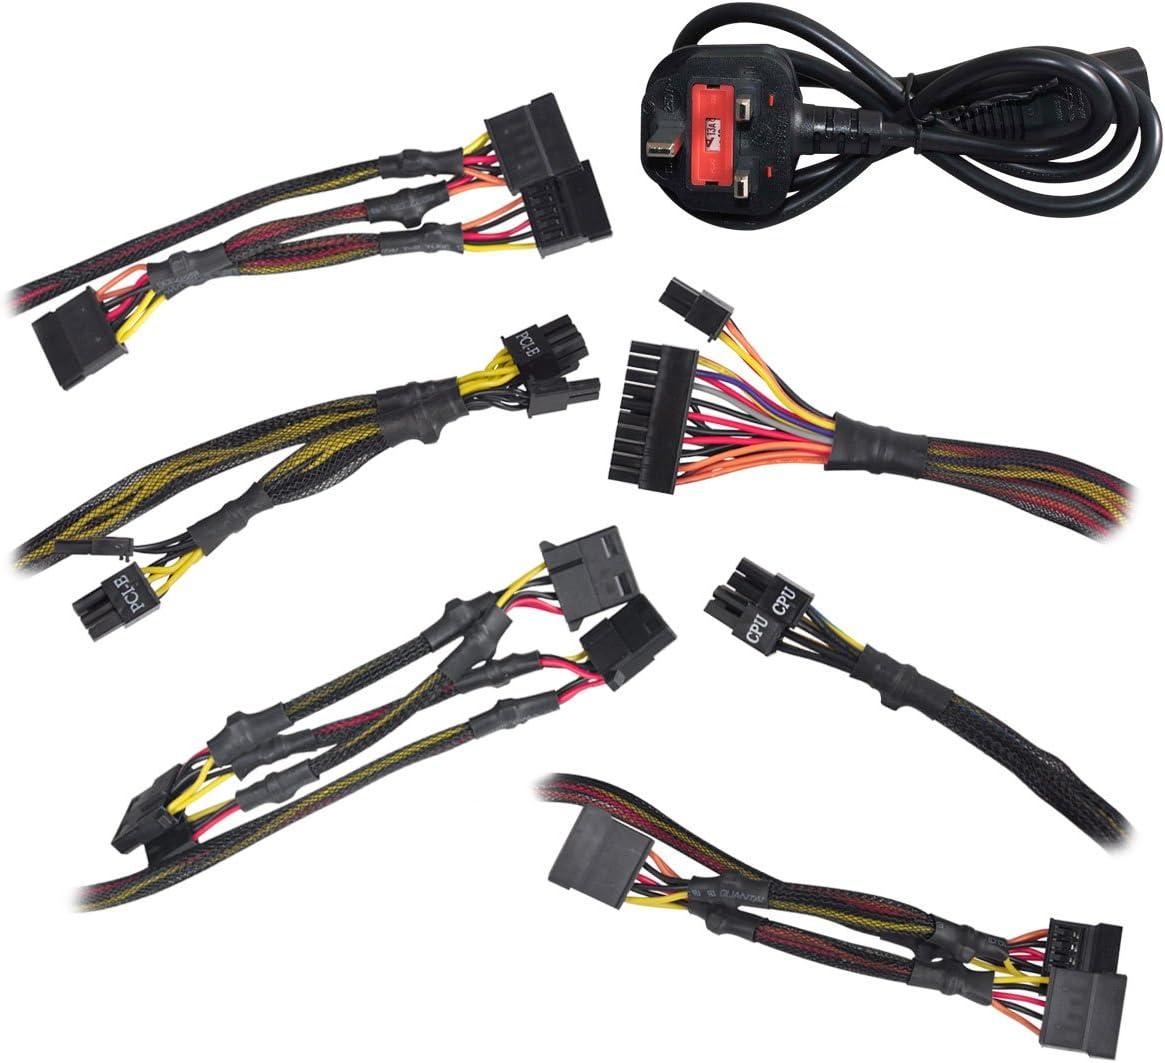 80+ WHITE 430W 3 Year Warranty EVGA 430 W1 Power Supply 100-W1-0430-K3